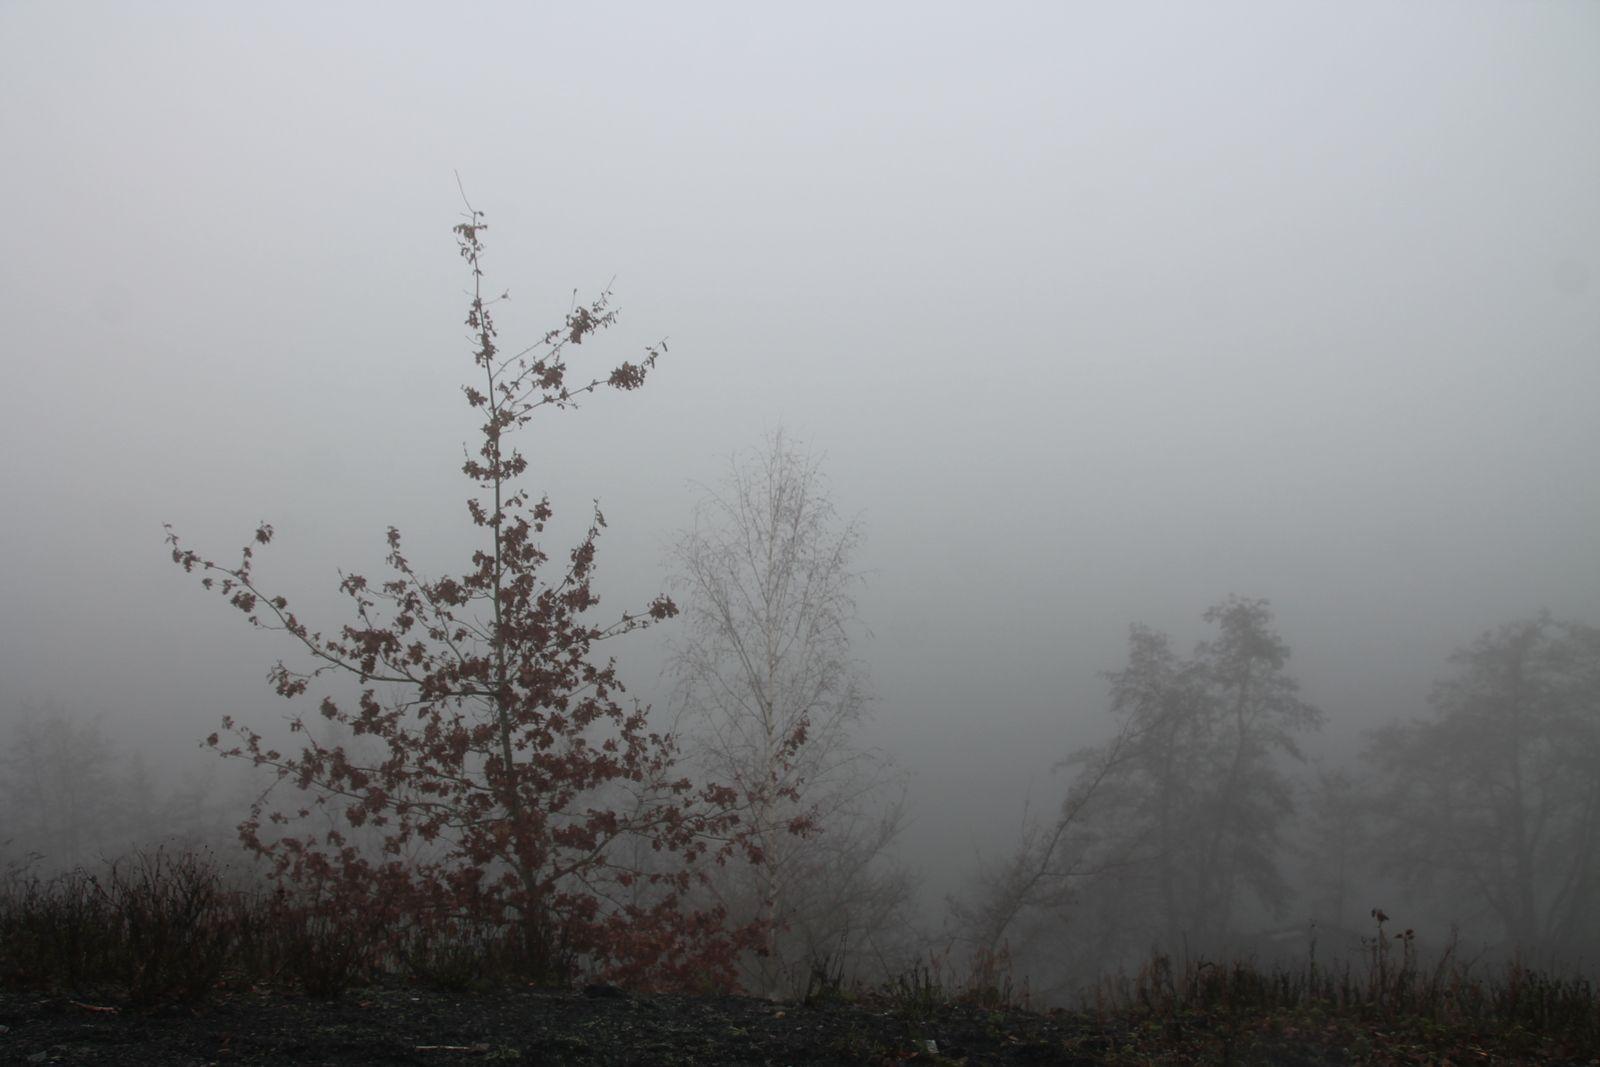 Petit salé aux lentilles - balade dans le brouillard